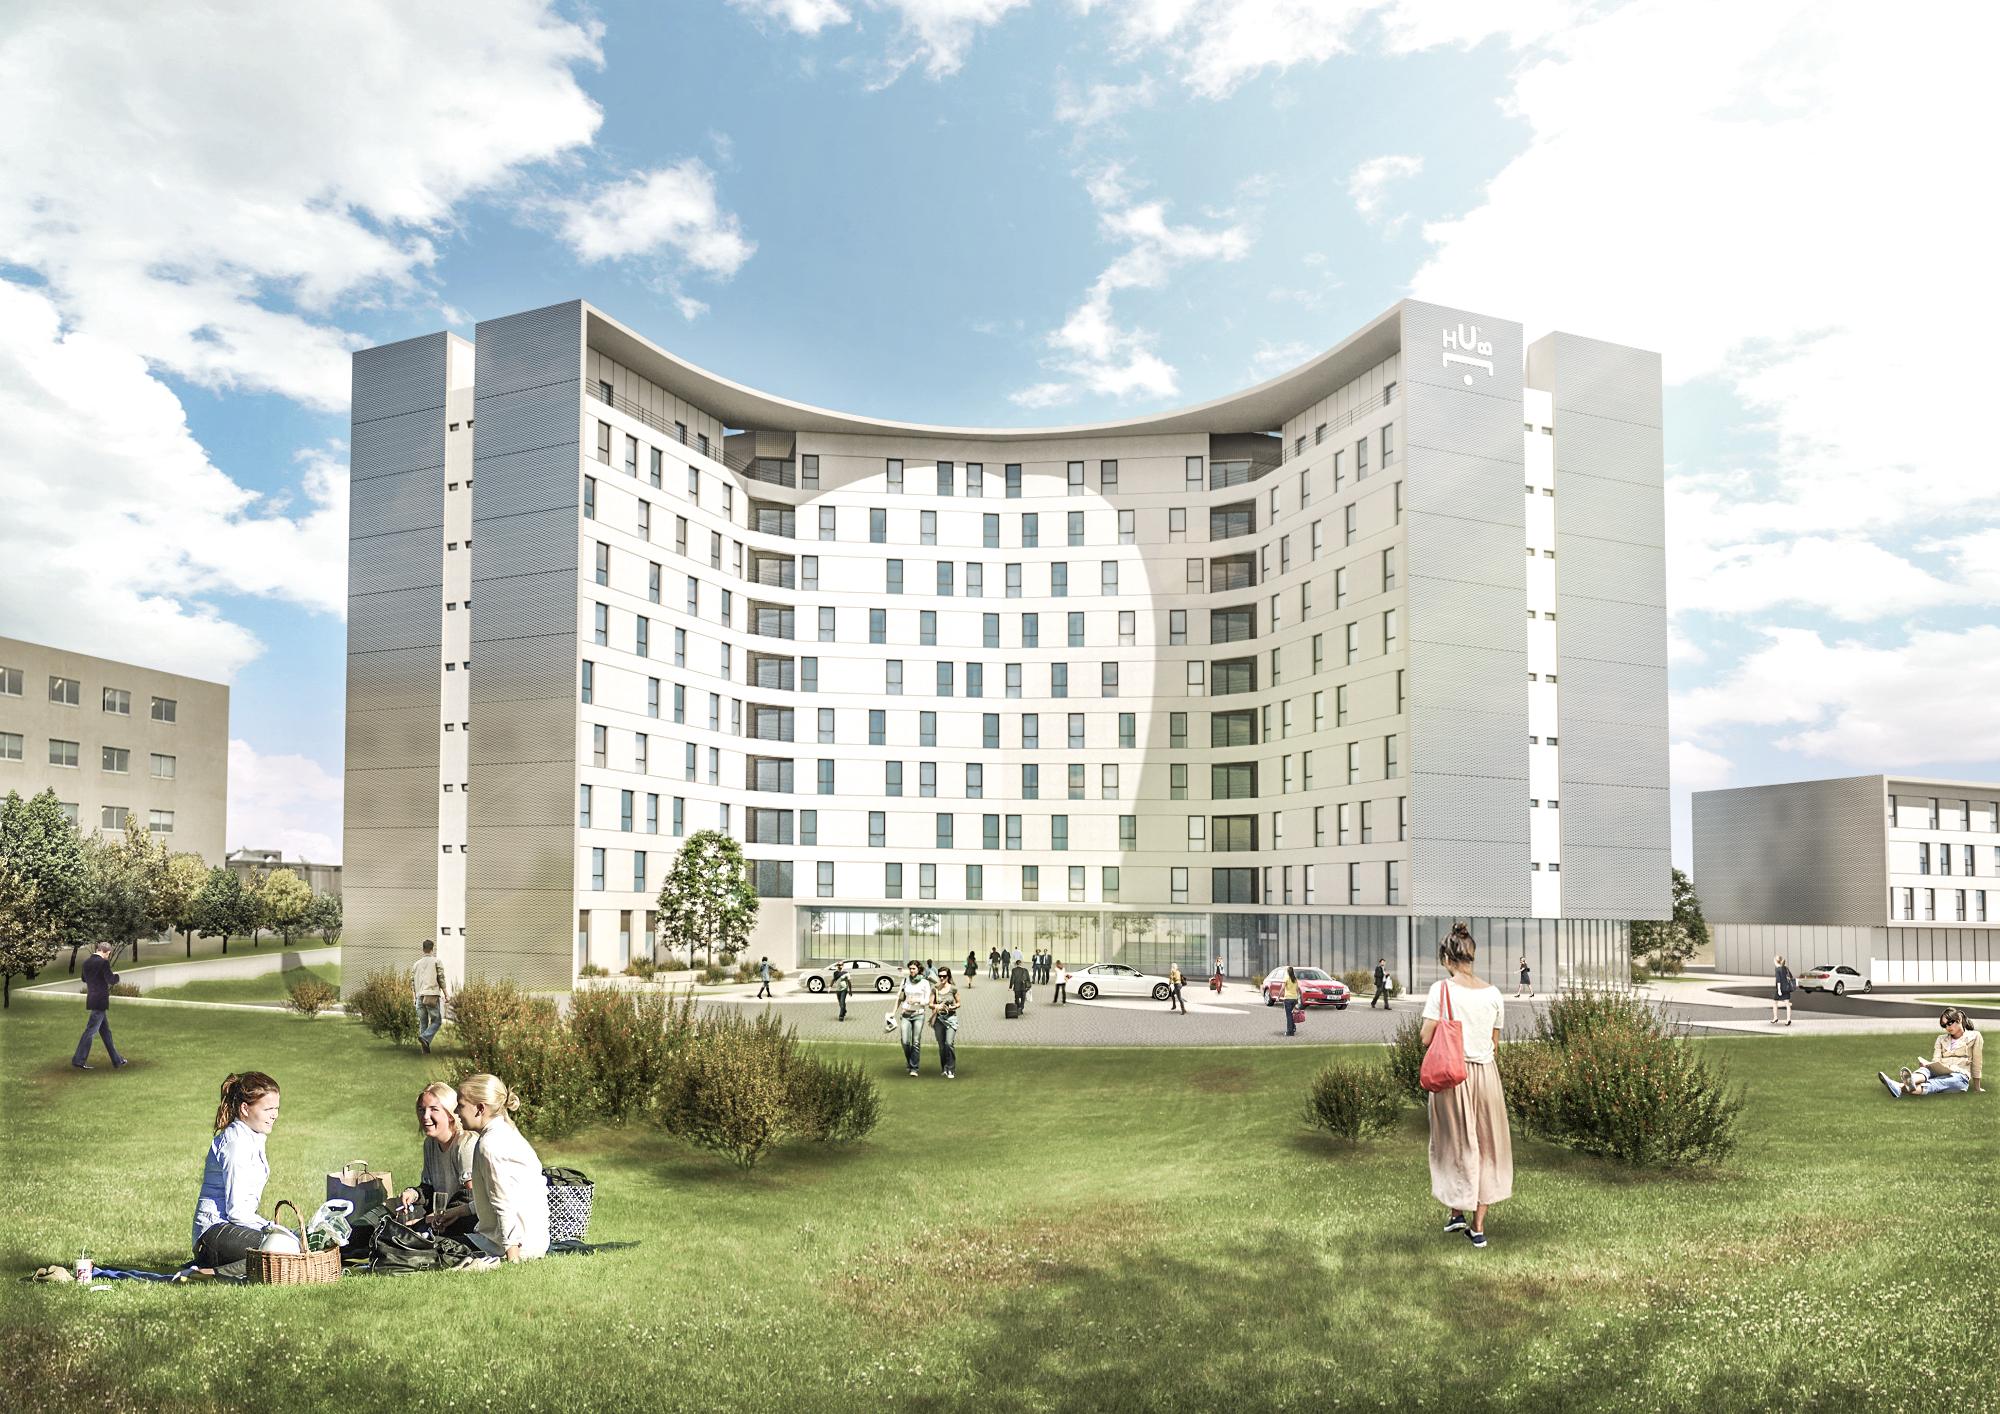 Assim será a residência universitária, que estará localizada na zona da Areosa / U.HUB Investments